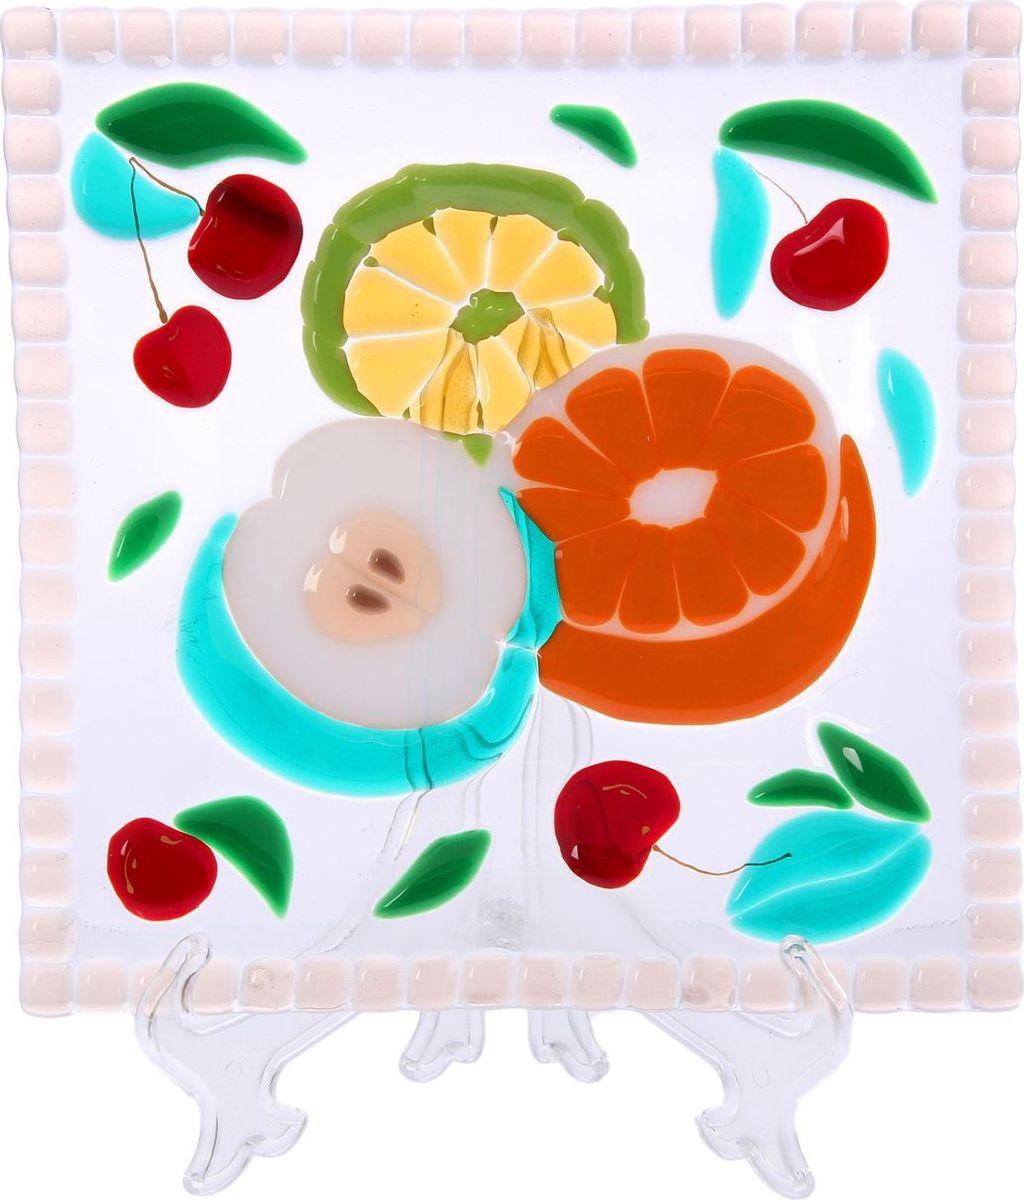 Тарелка Декостек Фрукты, 21 см. 22617582261758Оригинальная посуда — свидетельство особого отношения хозяев дома к гостям. Изделия изготовлены необычным образом: несколько видов стекла спекаются в печи при температуре около 800 градусов. В результате этого получается уникальный продукт, по внешнему виду сходный с витражом. Стекло, полученное с помощью фьюзинга, отличают особенная прозрачность и глубина цвета, оно сохраняет оттенок и не подвержено старению.Особенности предмета:тщательная обработка рельефа поверхности;высококачественный узор;высокая прочность – изделия можно мыть в посудомоечной машине.Такой предмет станет прекрасным подарком по любому случаю. В комплект входит подставка и декоративная коробка.